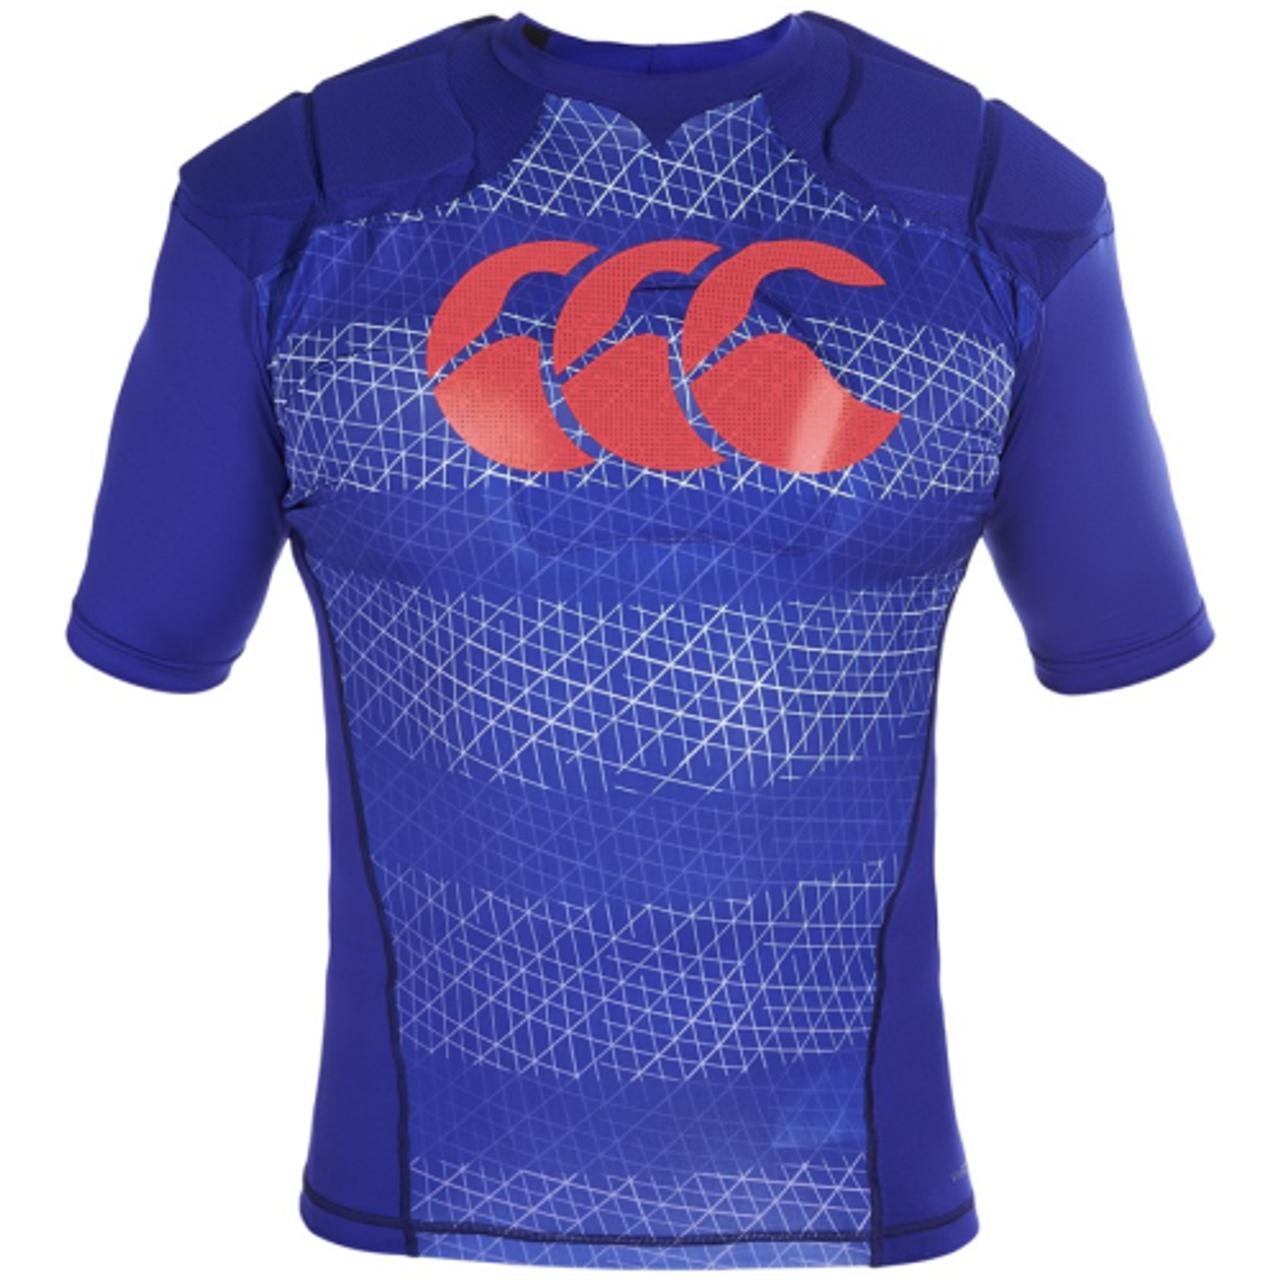 CCC Raze Flex Vest, Clementis Blue